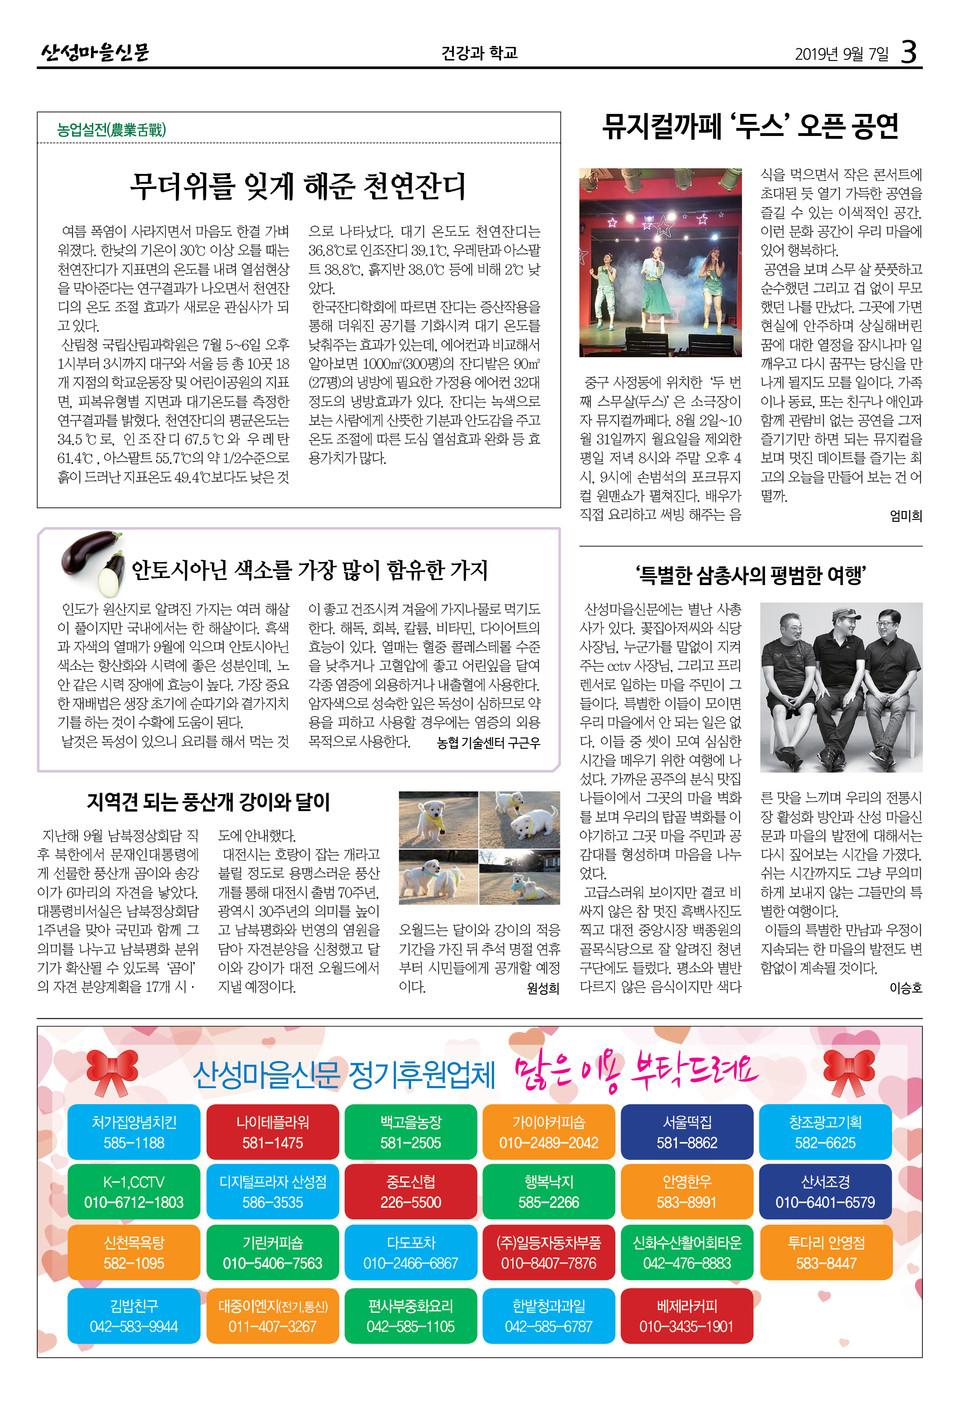 산성마을신문 제32호 2019년 9월 발행 대전마을미디어